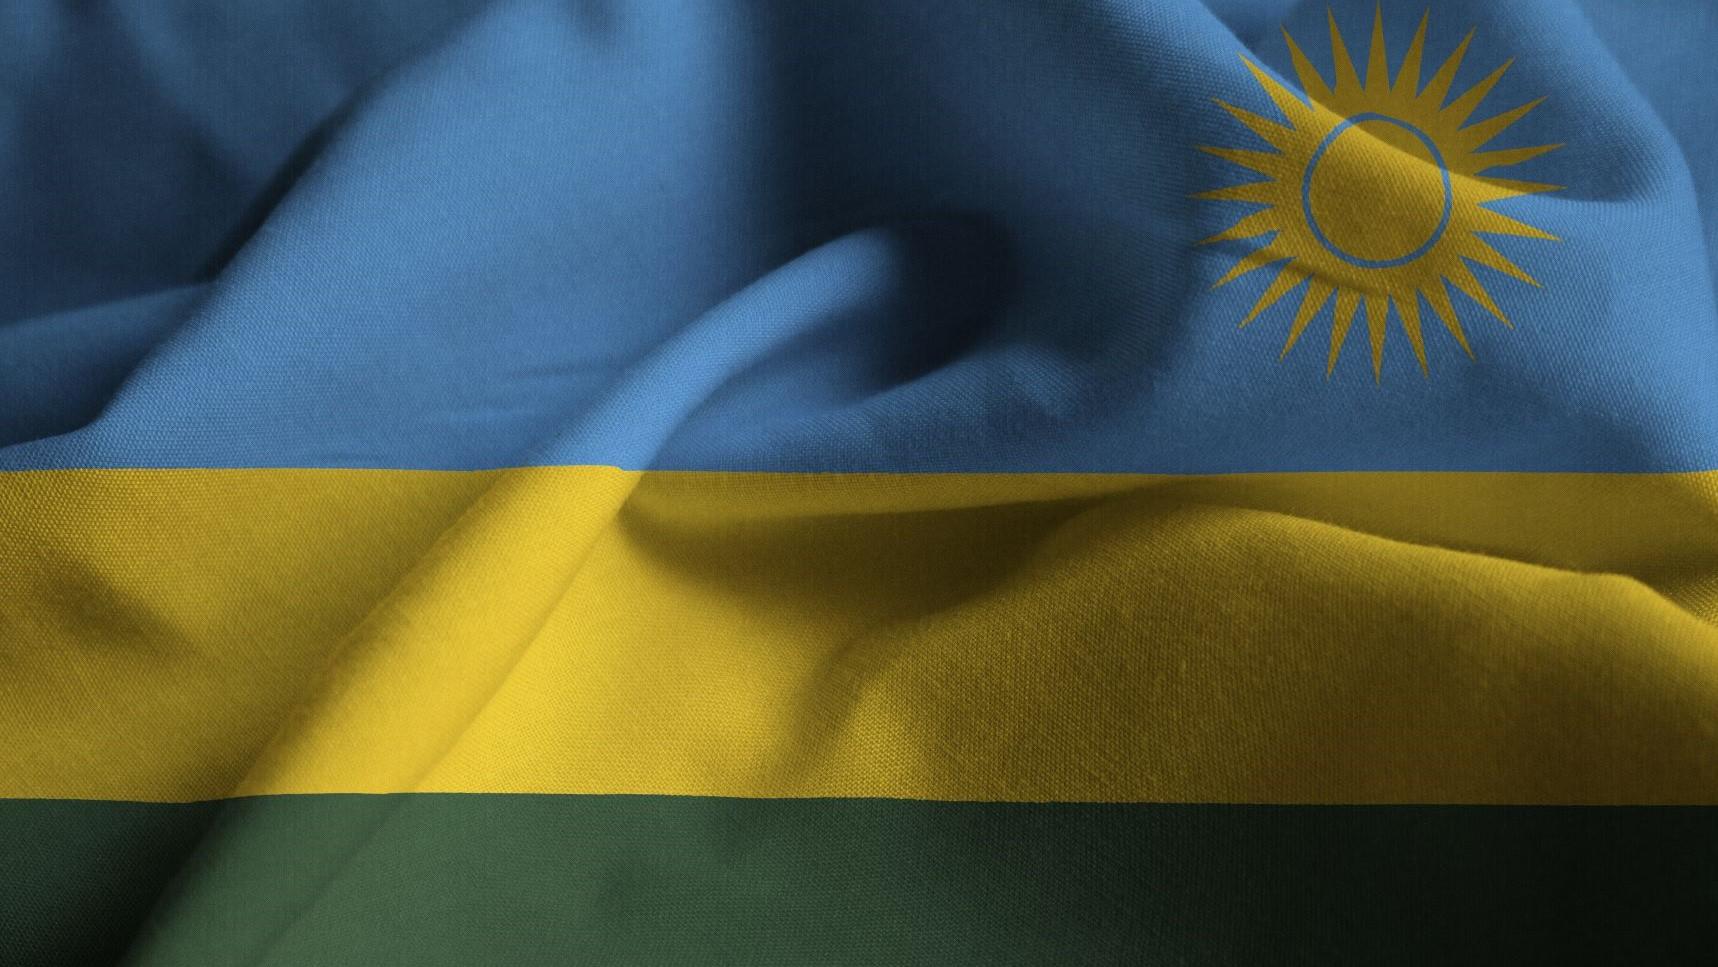 Rwanda's new eurobond is a positive signal for debt management